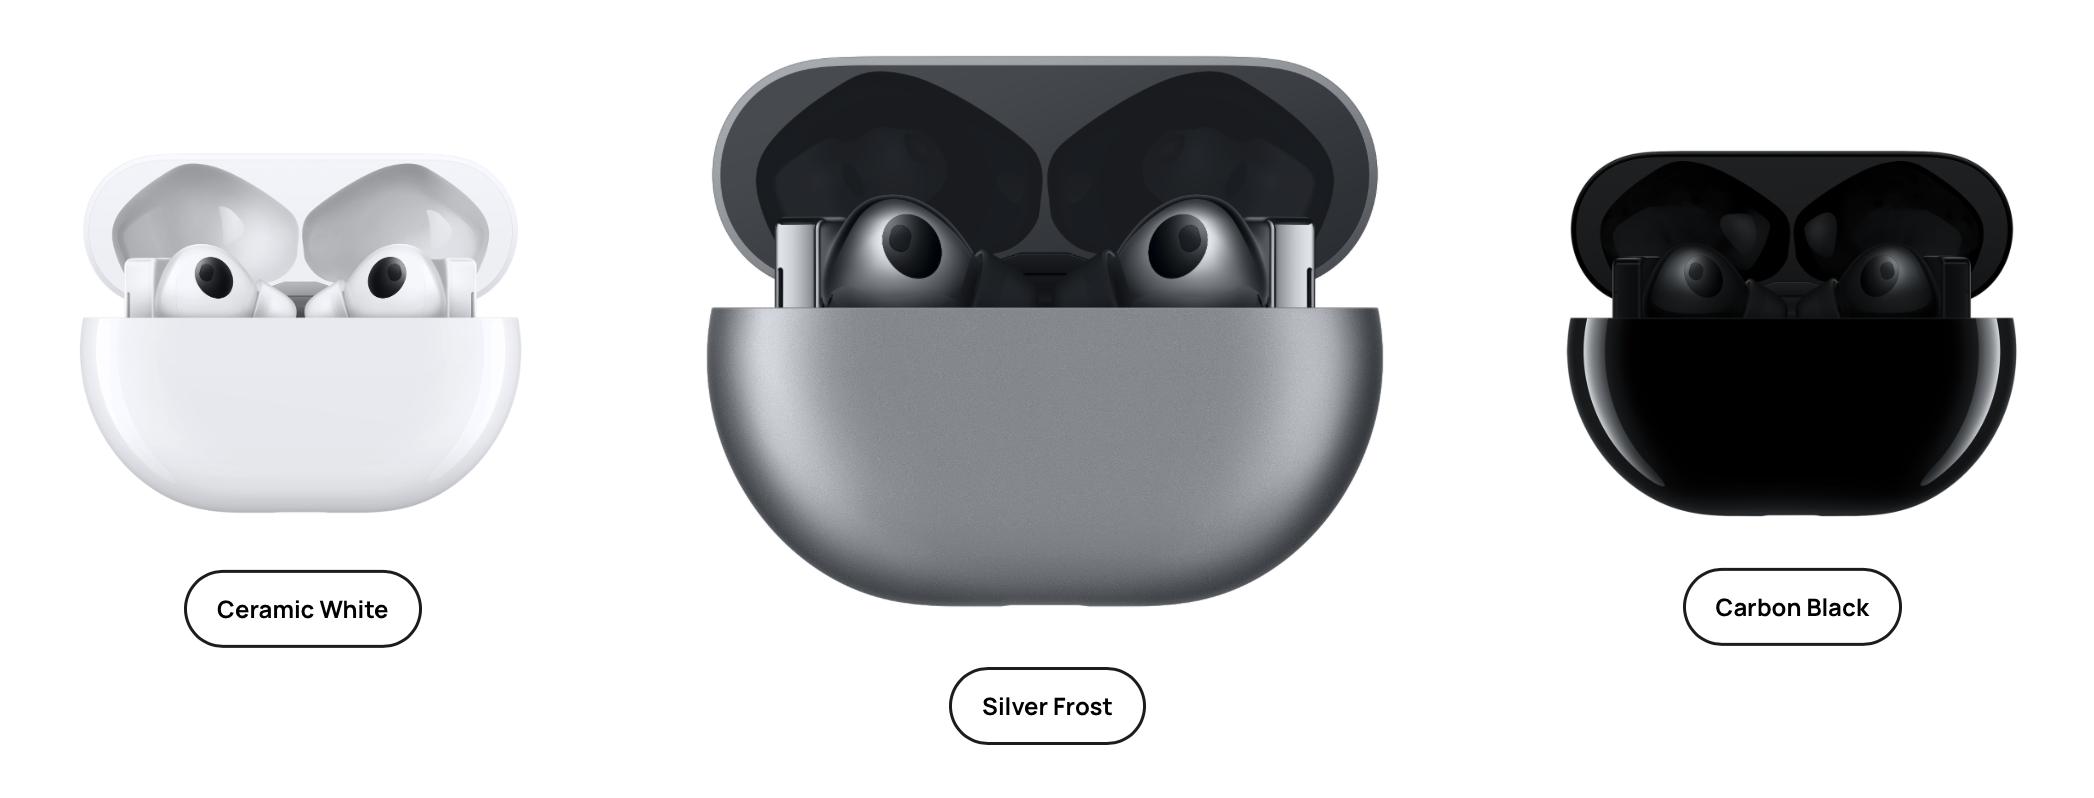 HUAWEI lanza FreeBuds Pro, el modelo superior de auriculares TWS con sistema de cancelación de ruido, Dynamic ANC en un diseño familiar.